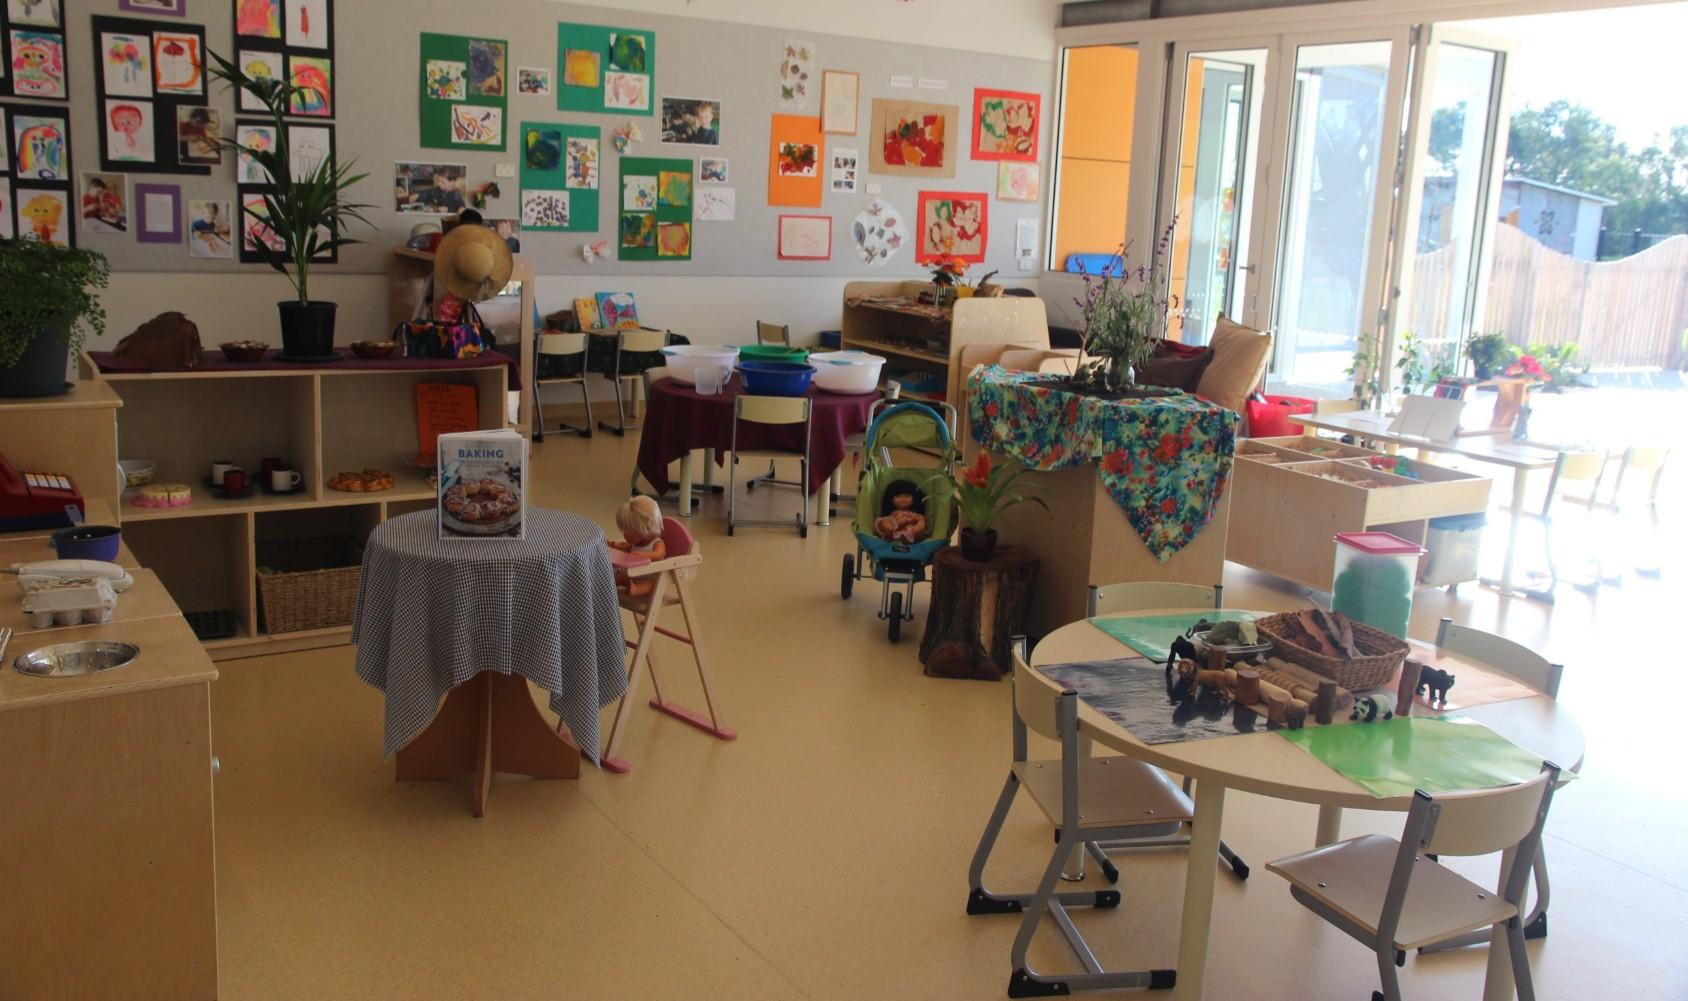 4 year old Intergrated Kindergarten